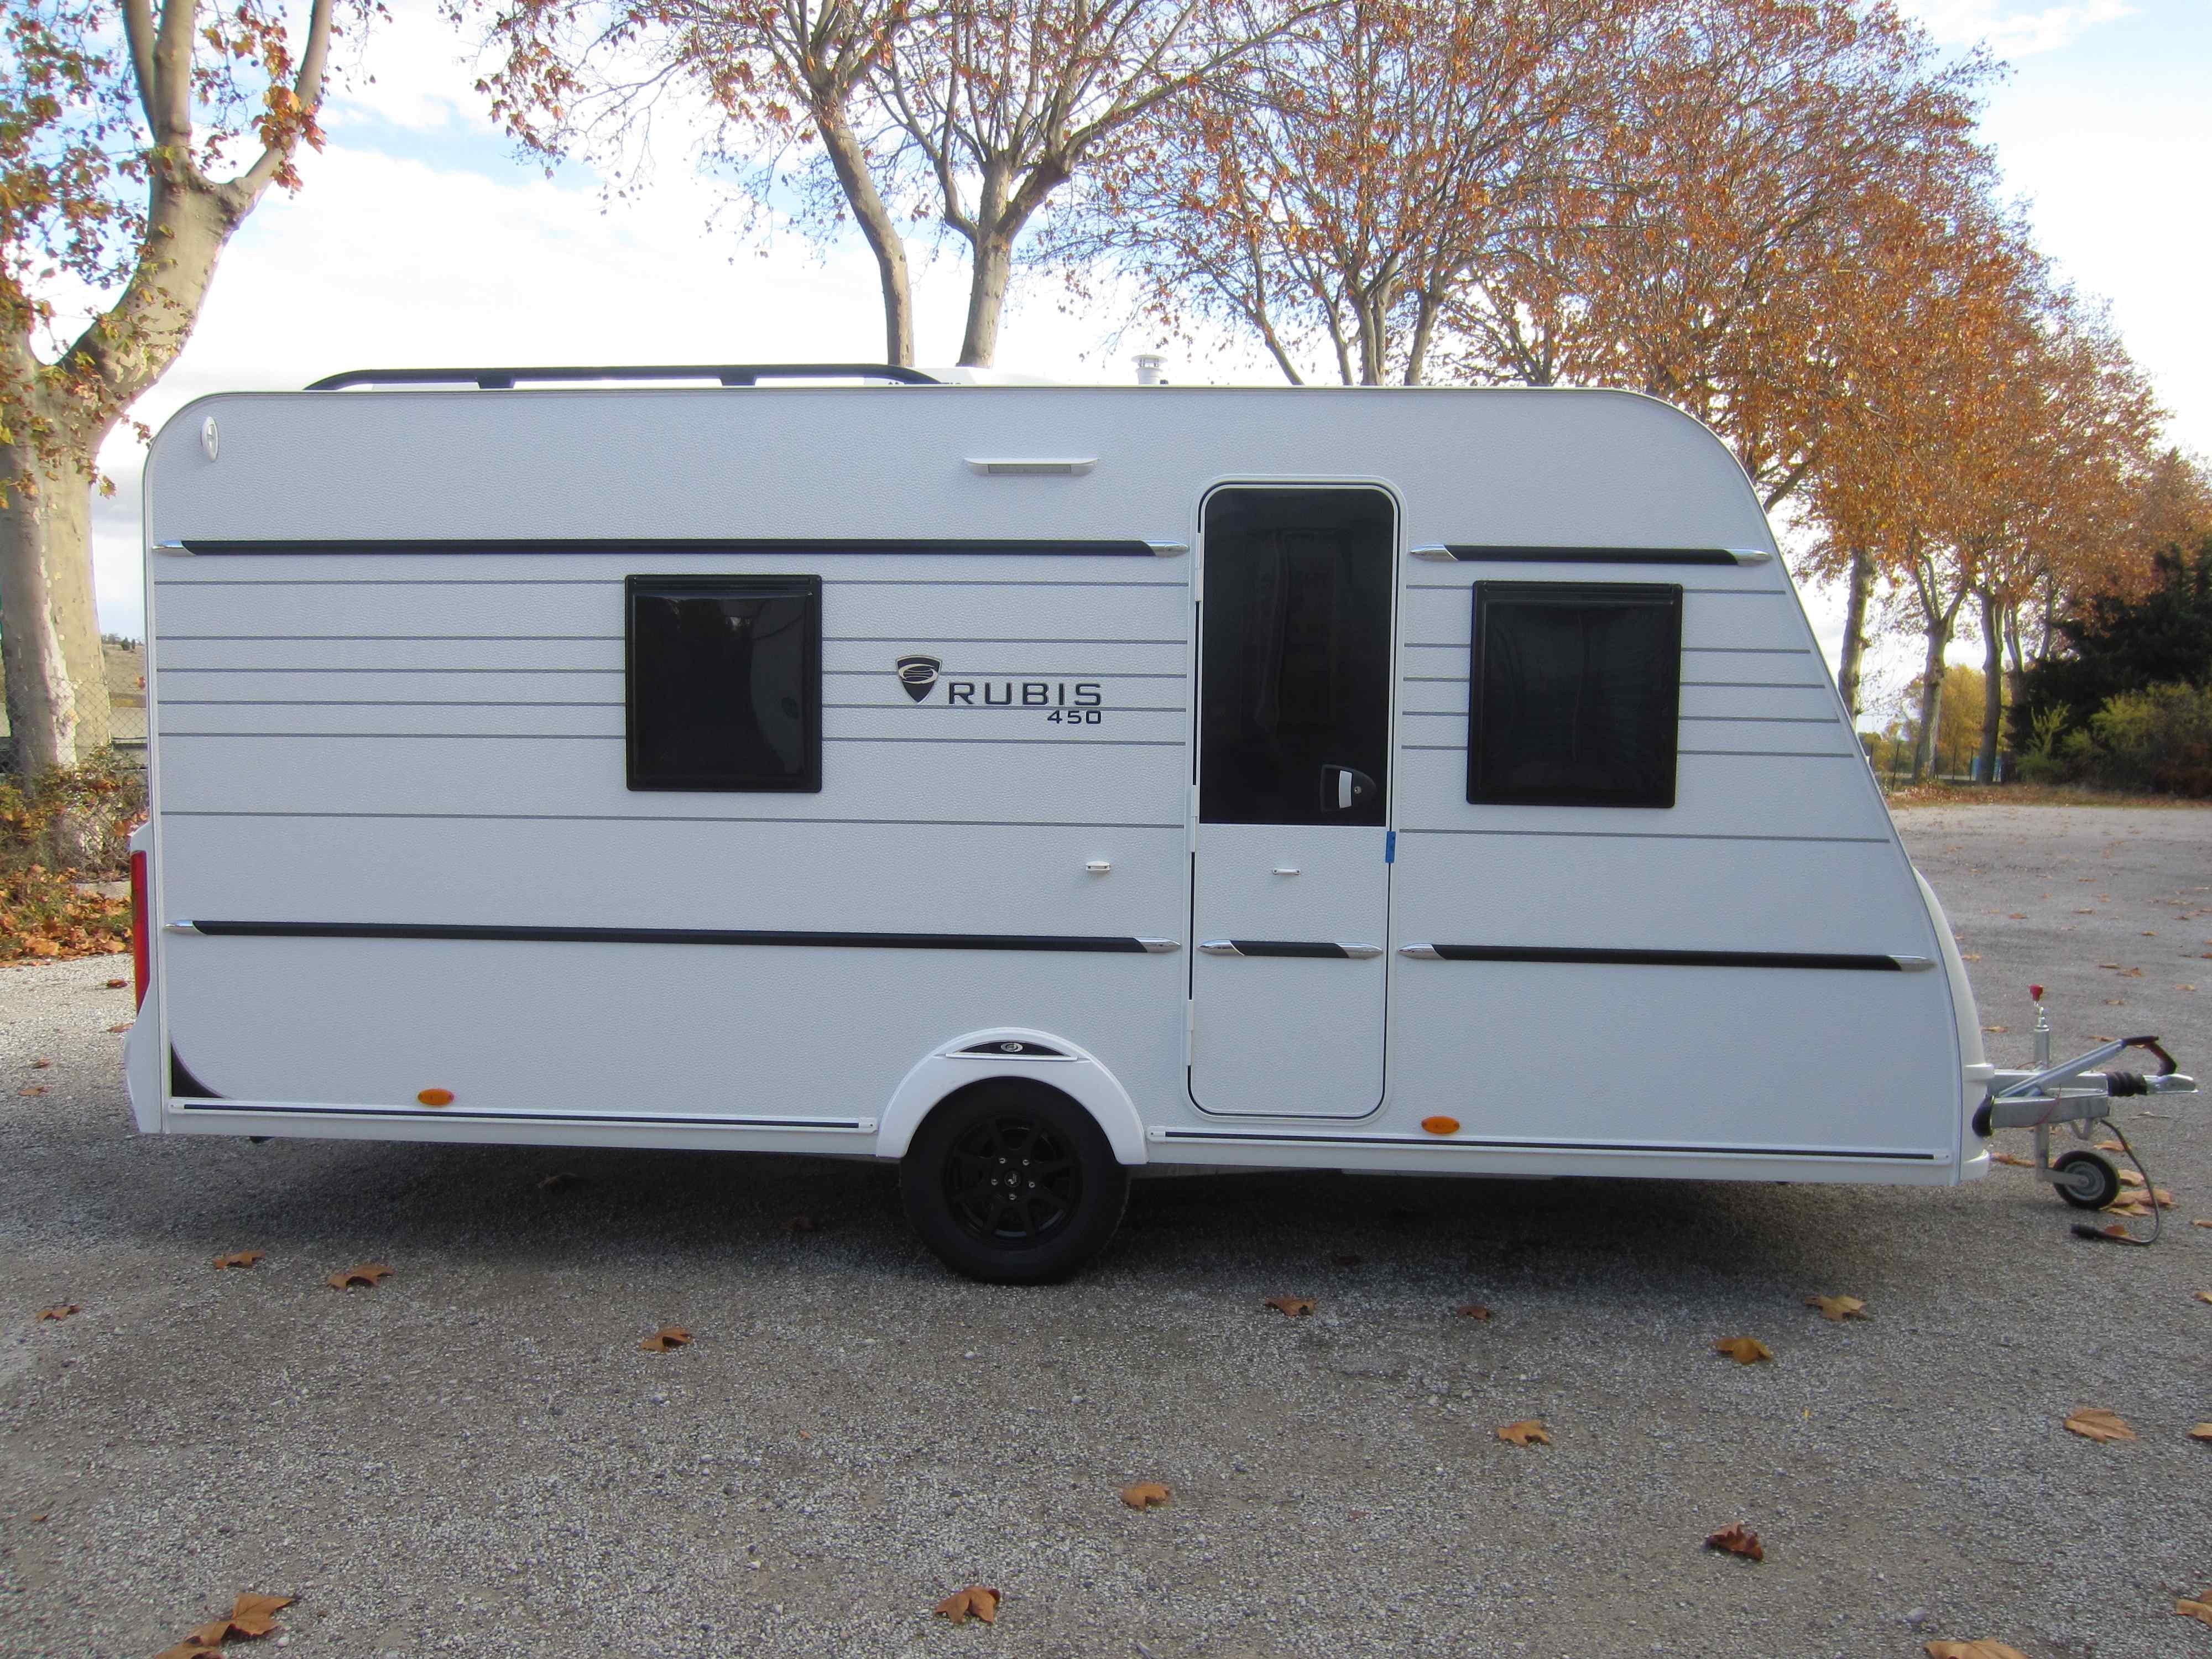 Rubis 450 modèle 2020 Fabre caravanes